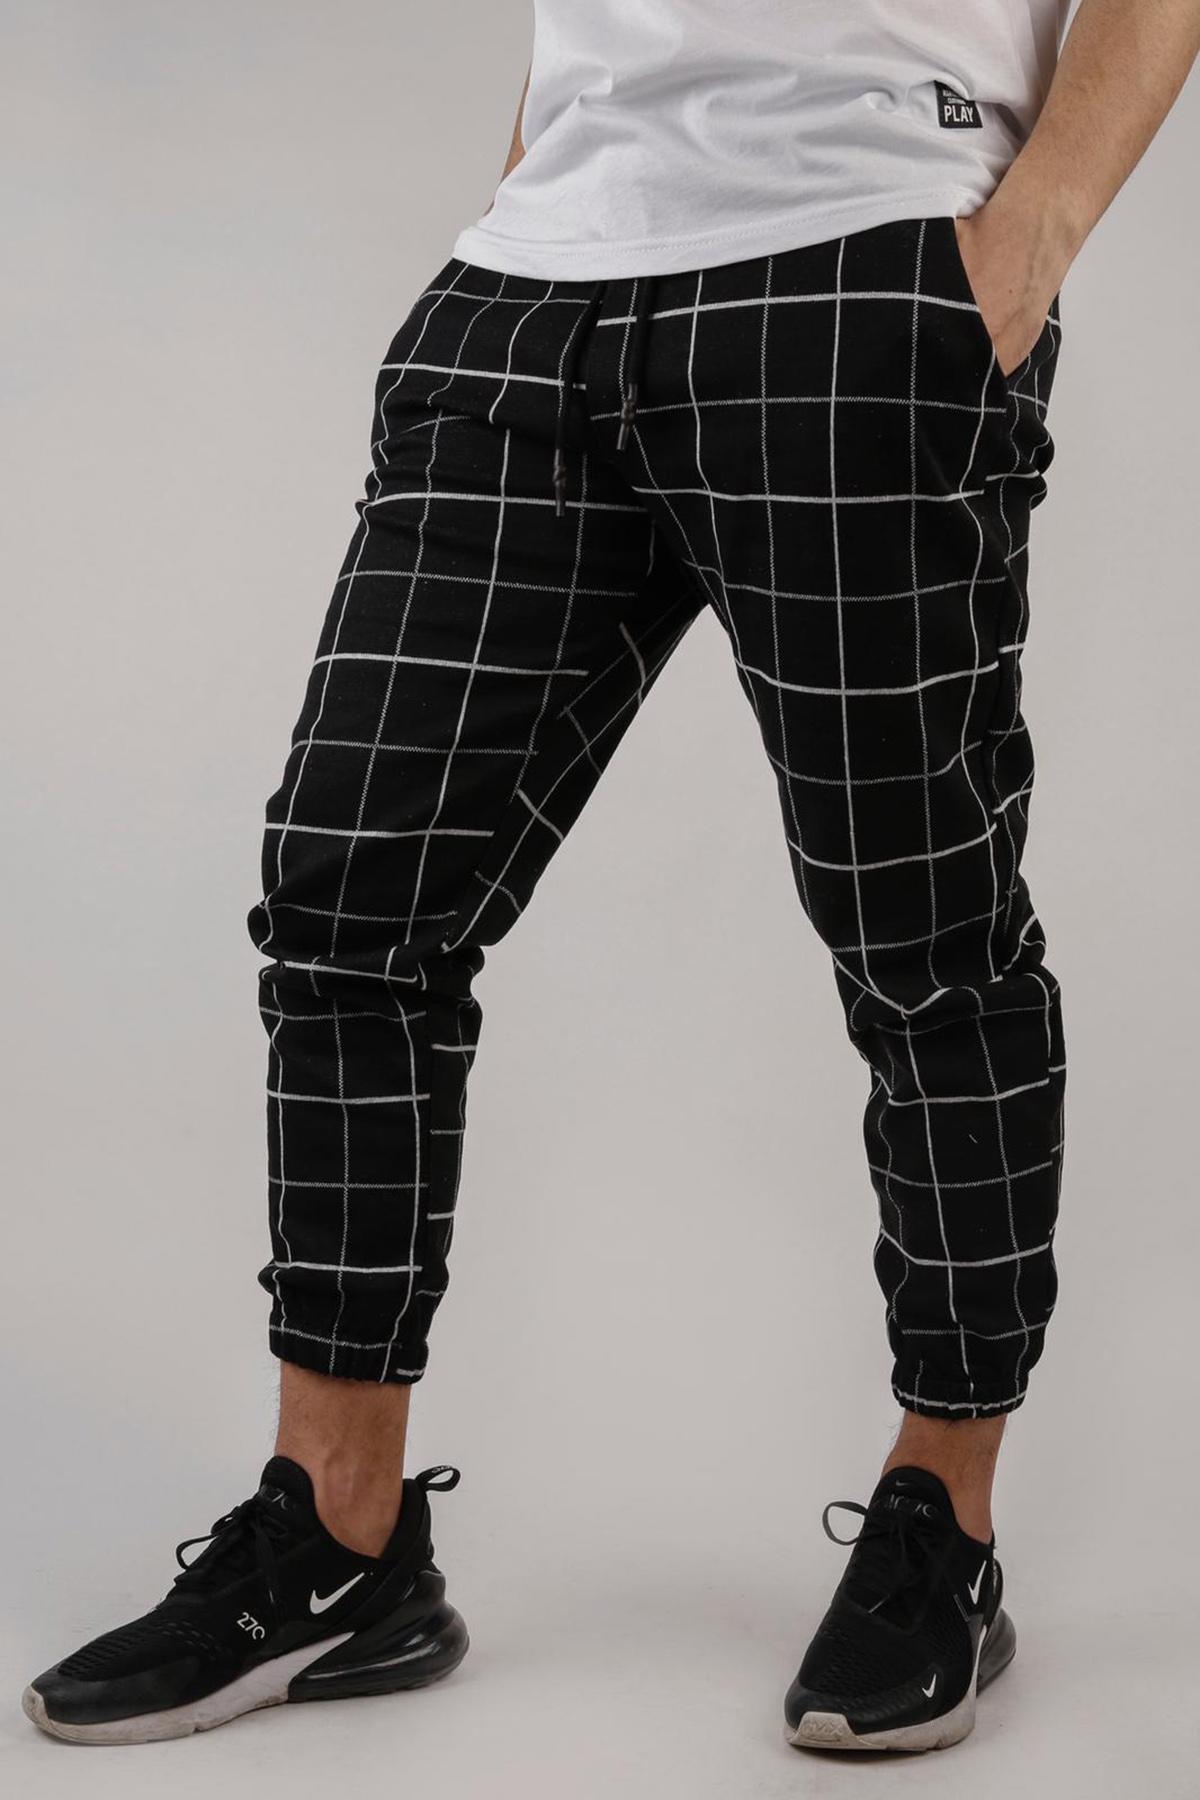 XHAN - Siyah Jooger Pantolon 1KXE5-44680-02